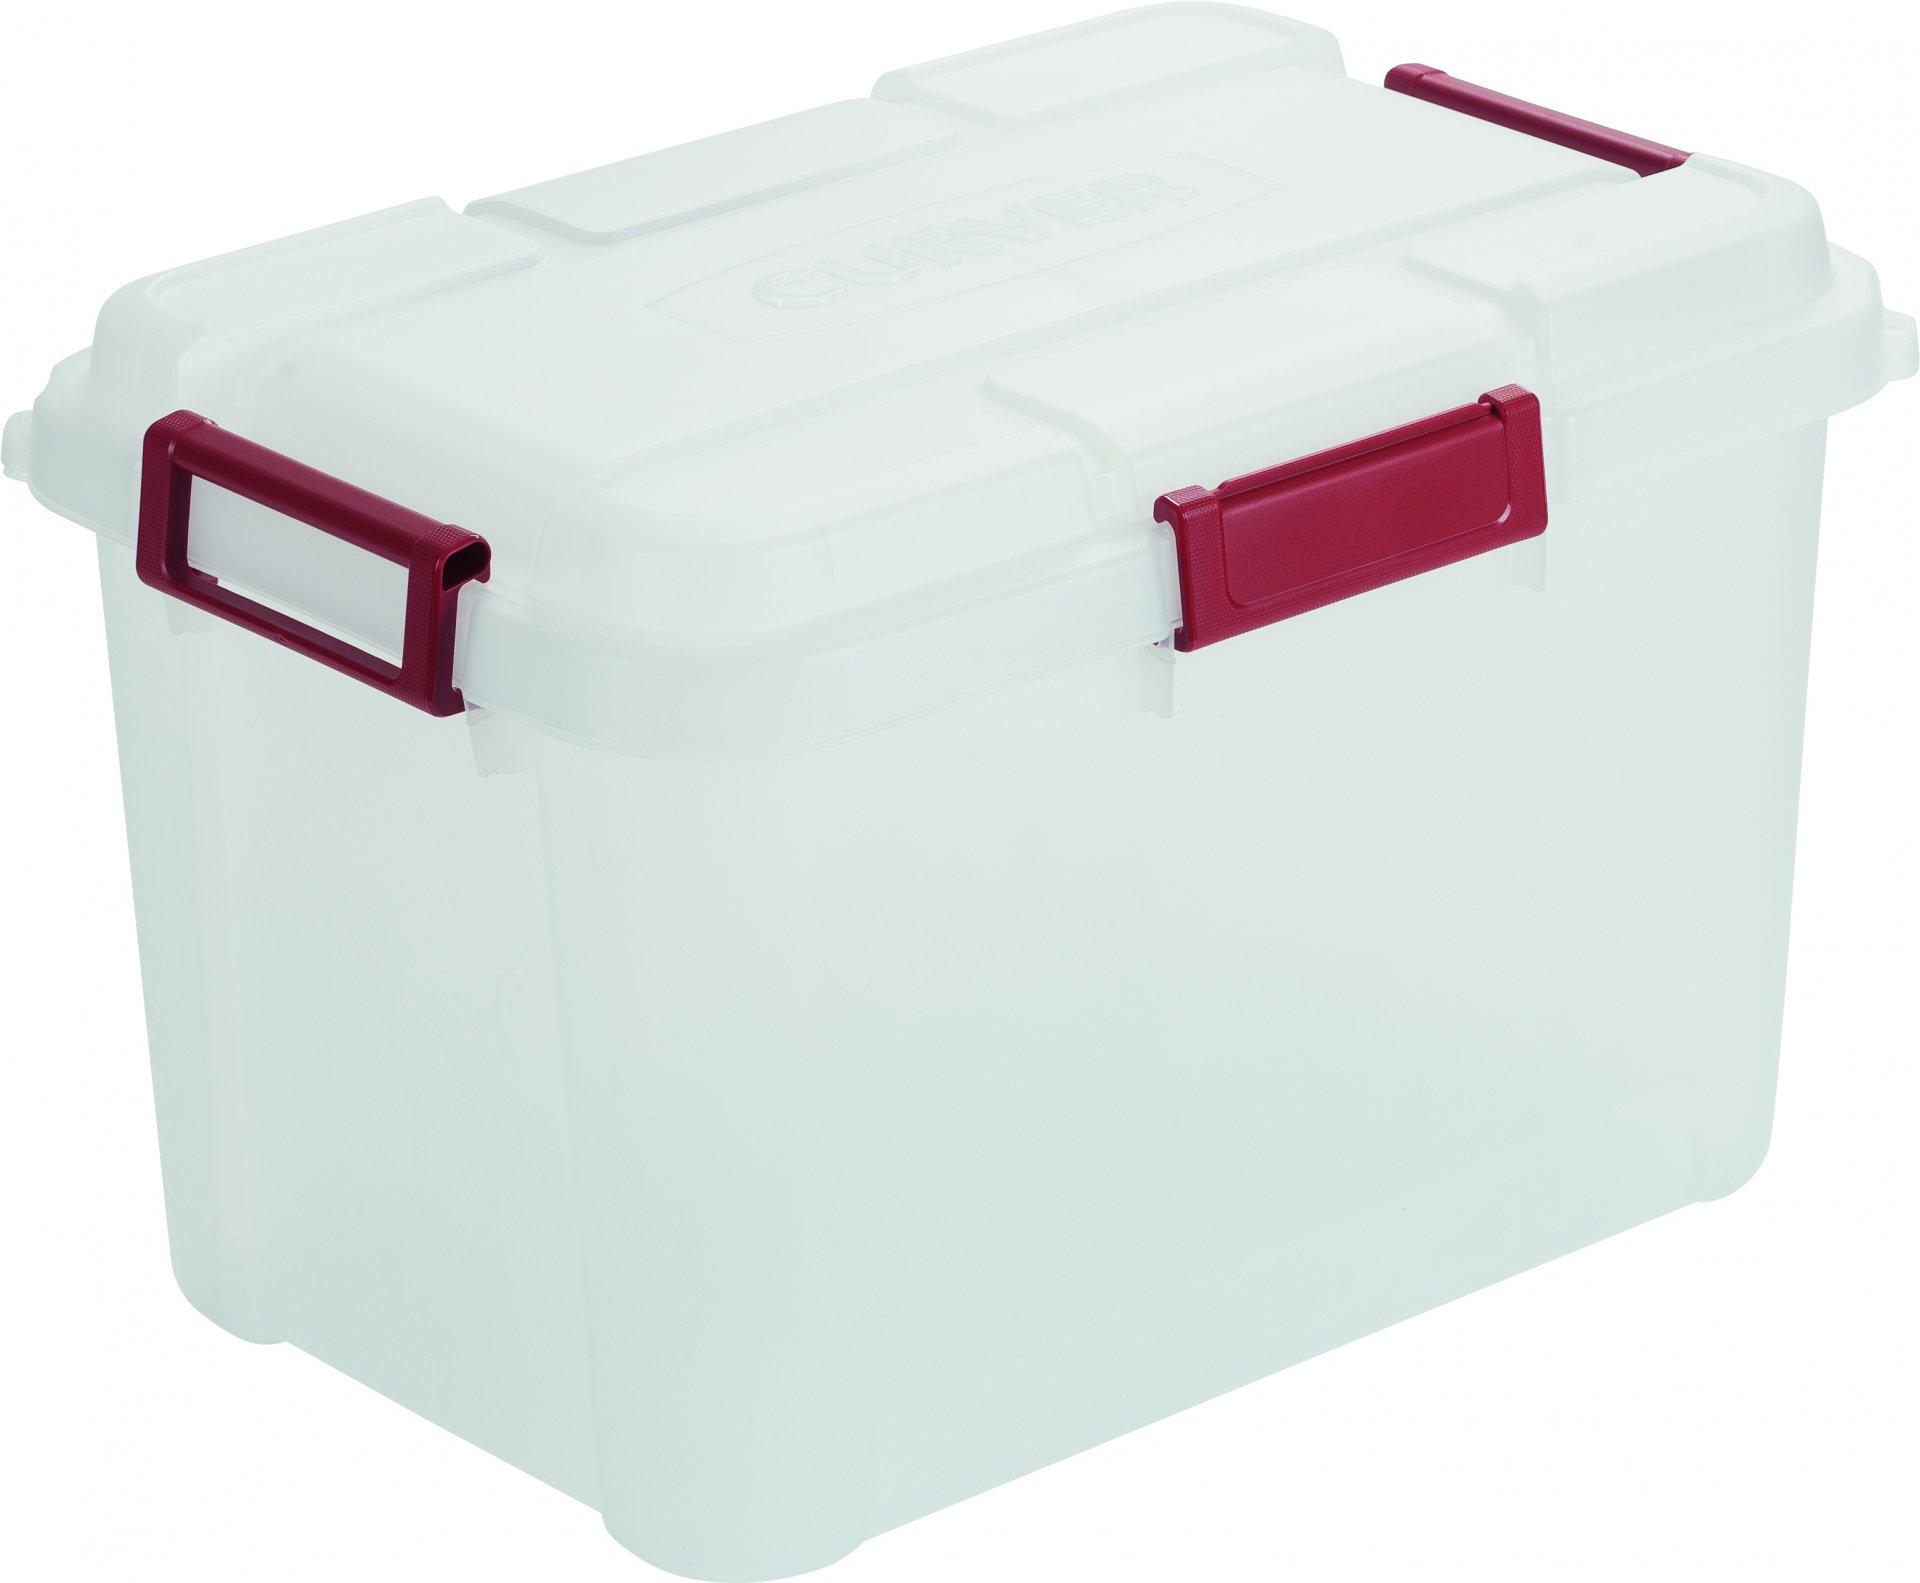 Curver Odolný box na nářadí Outback 60L, transparentní